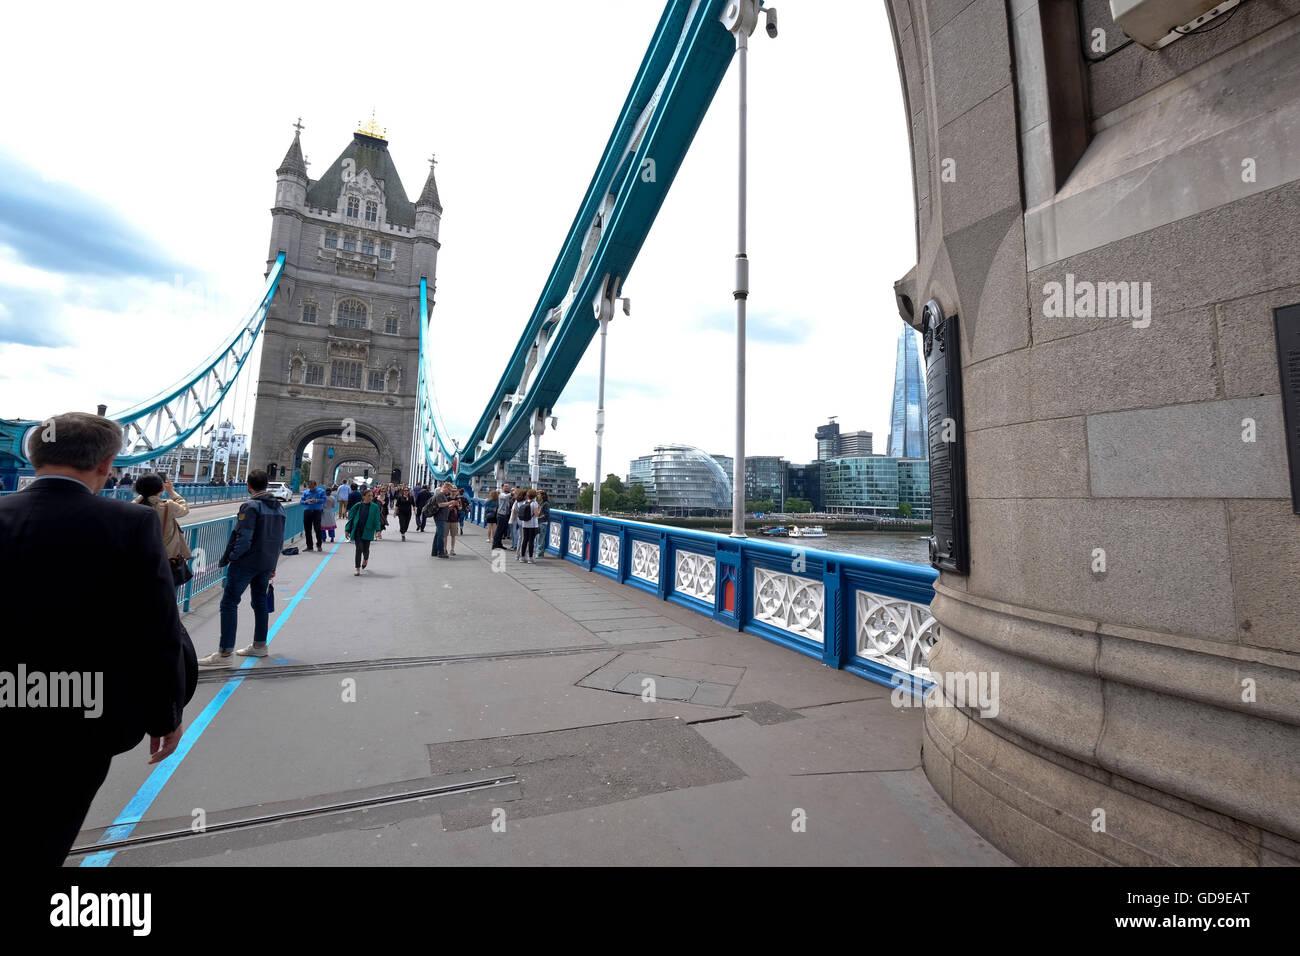 Les piétons passant sous une tour sur le pont de Londres avec l'autre tour dans l'arrière-plan Photo Stock